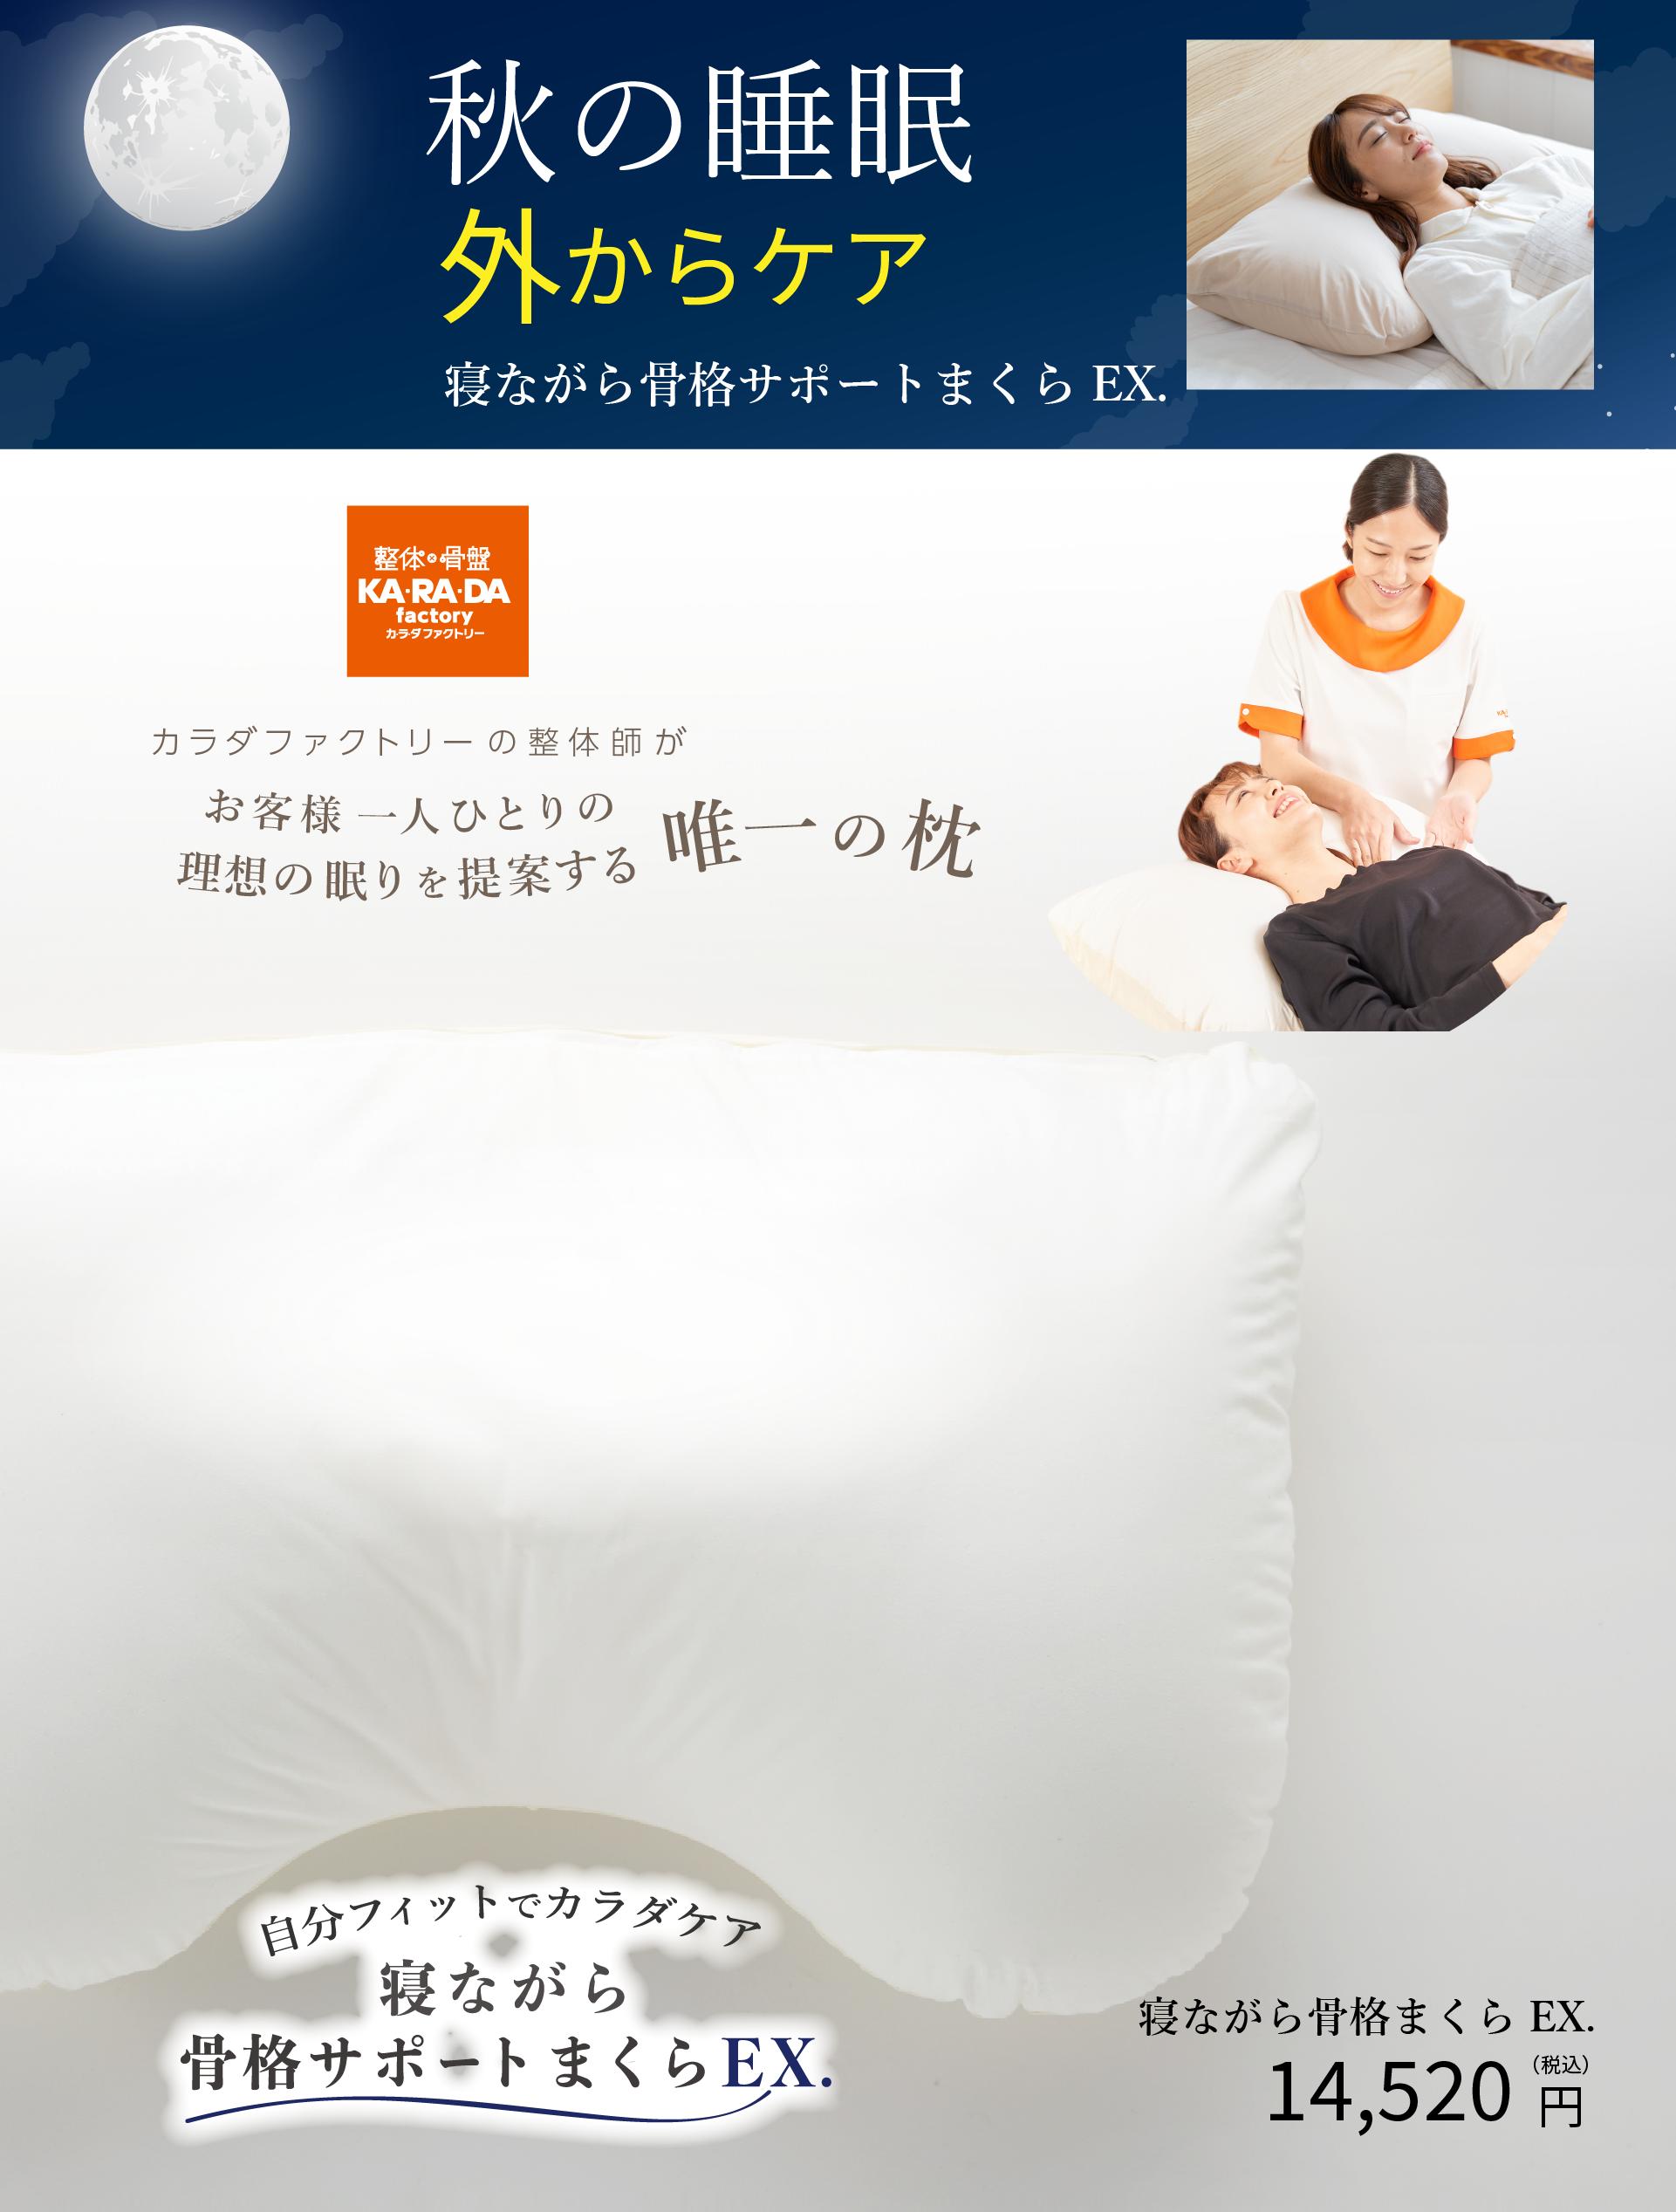 秋の睡眠セット説明画像